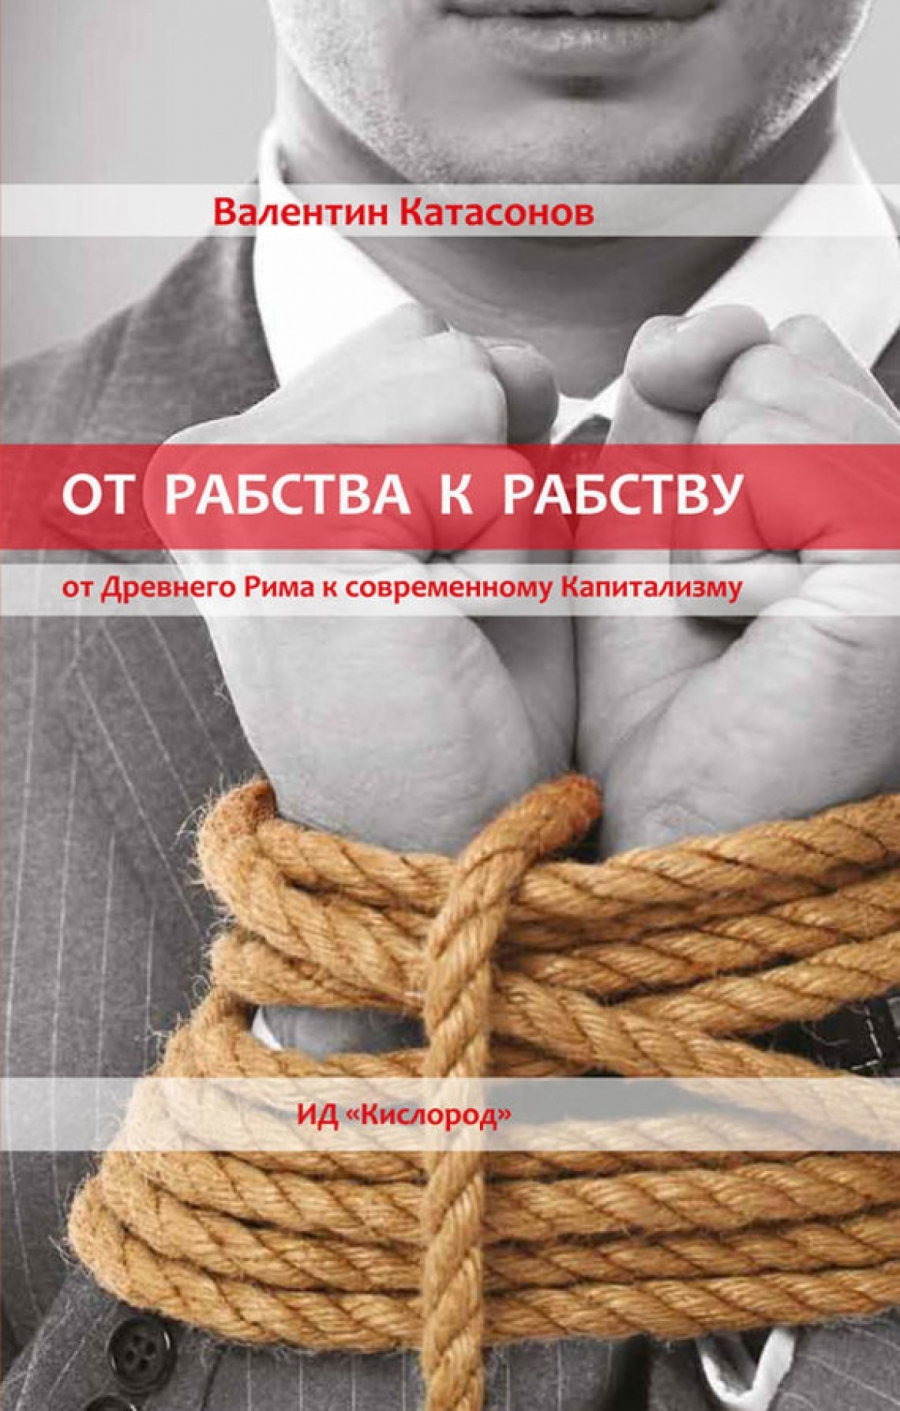 Обложка книги:  катасонов в.ю. - от рабства к рабству. от древнего рима к современному капитализму